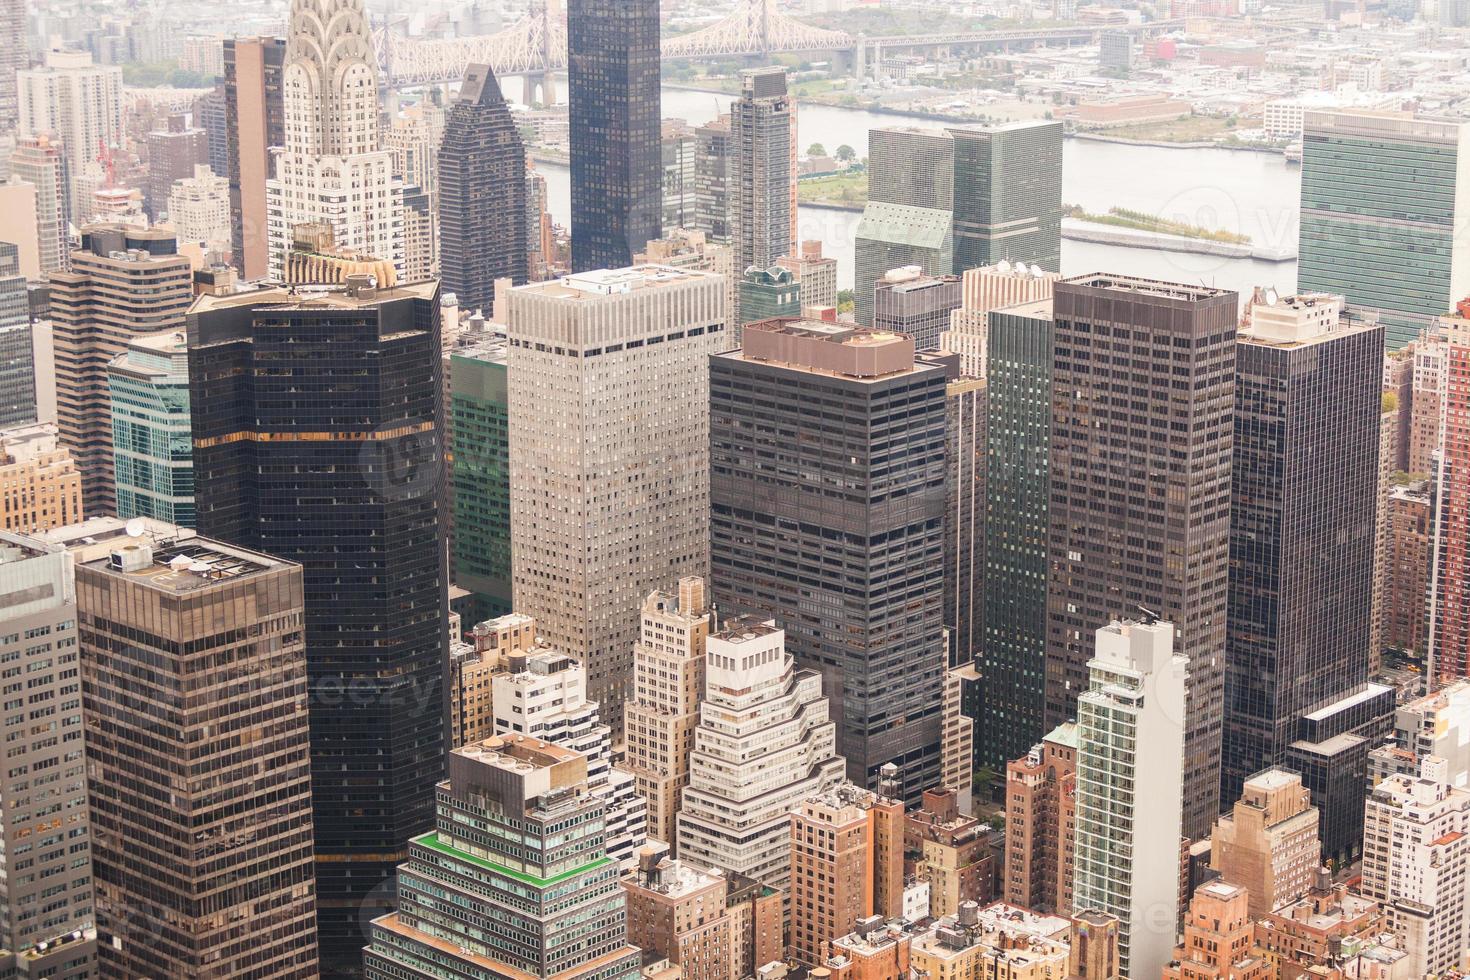 vista aérea de nova york em um dia nublado foto